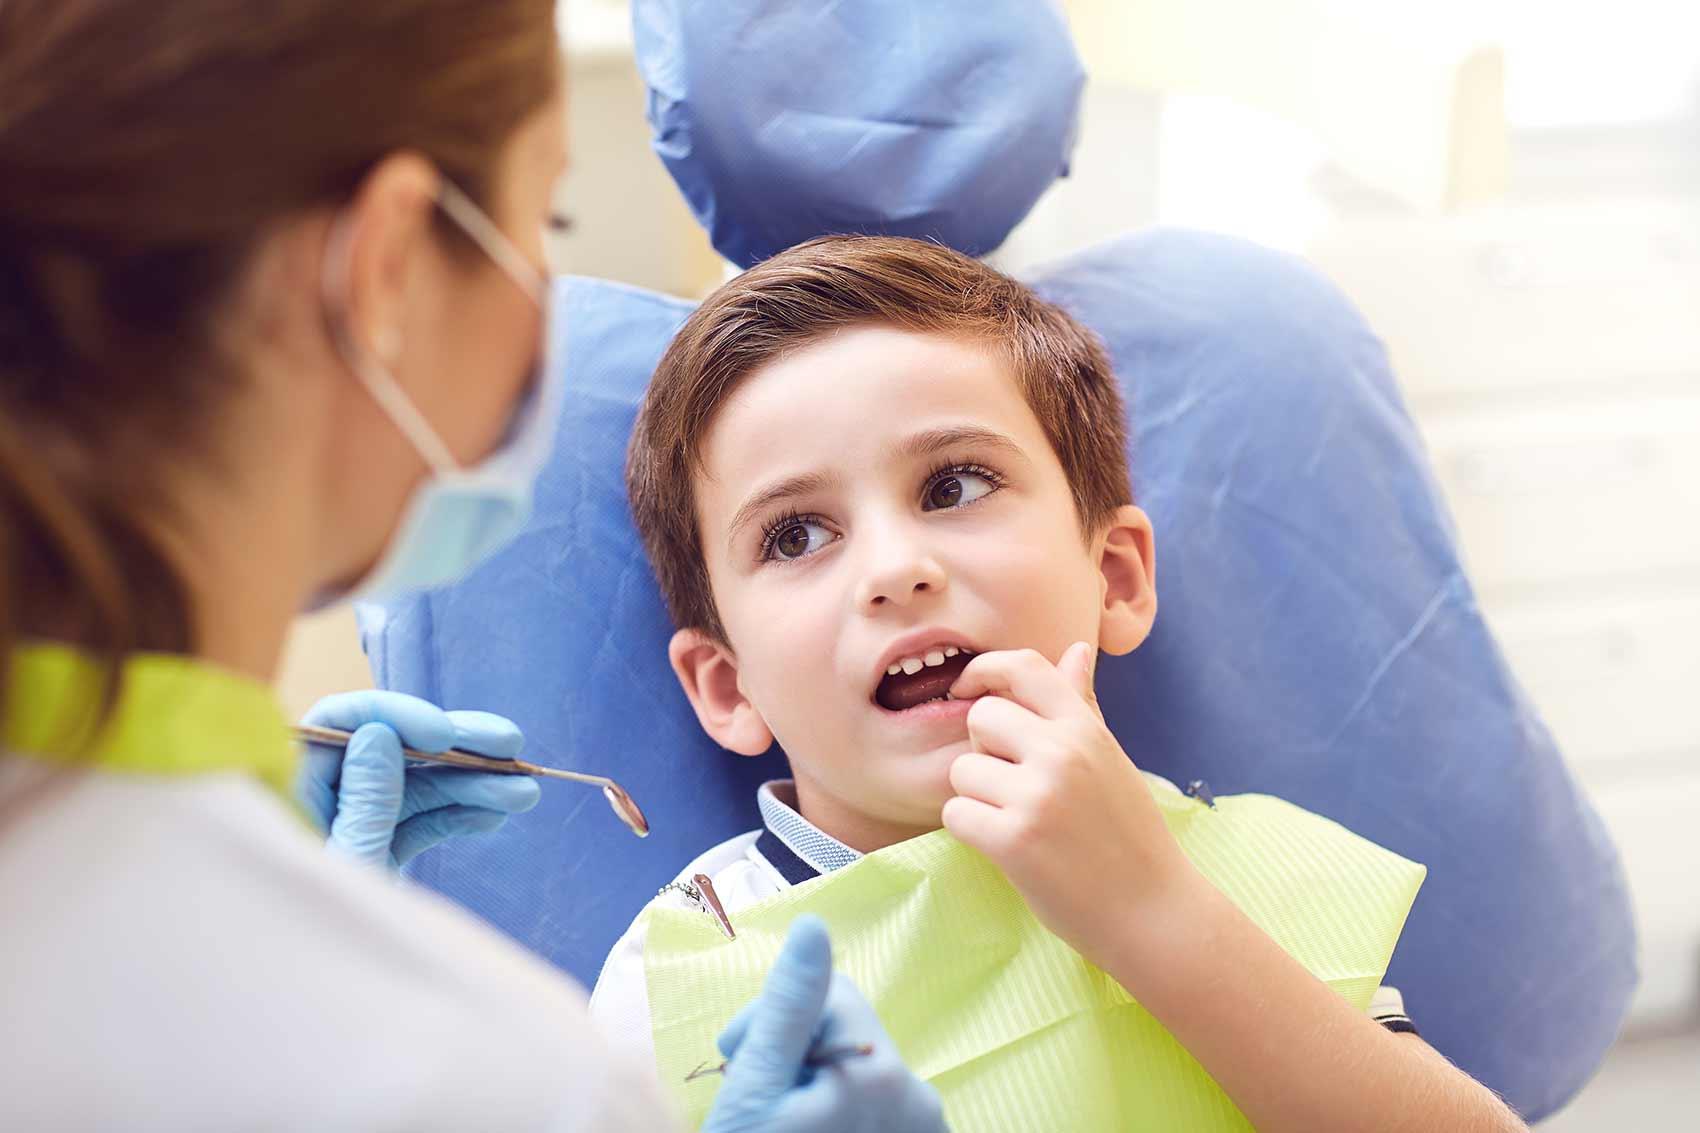 enfant anxieux chez le dentiste